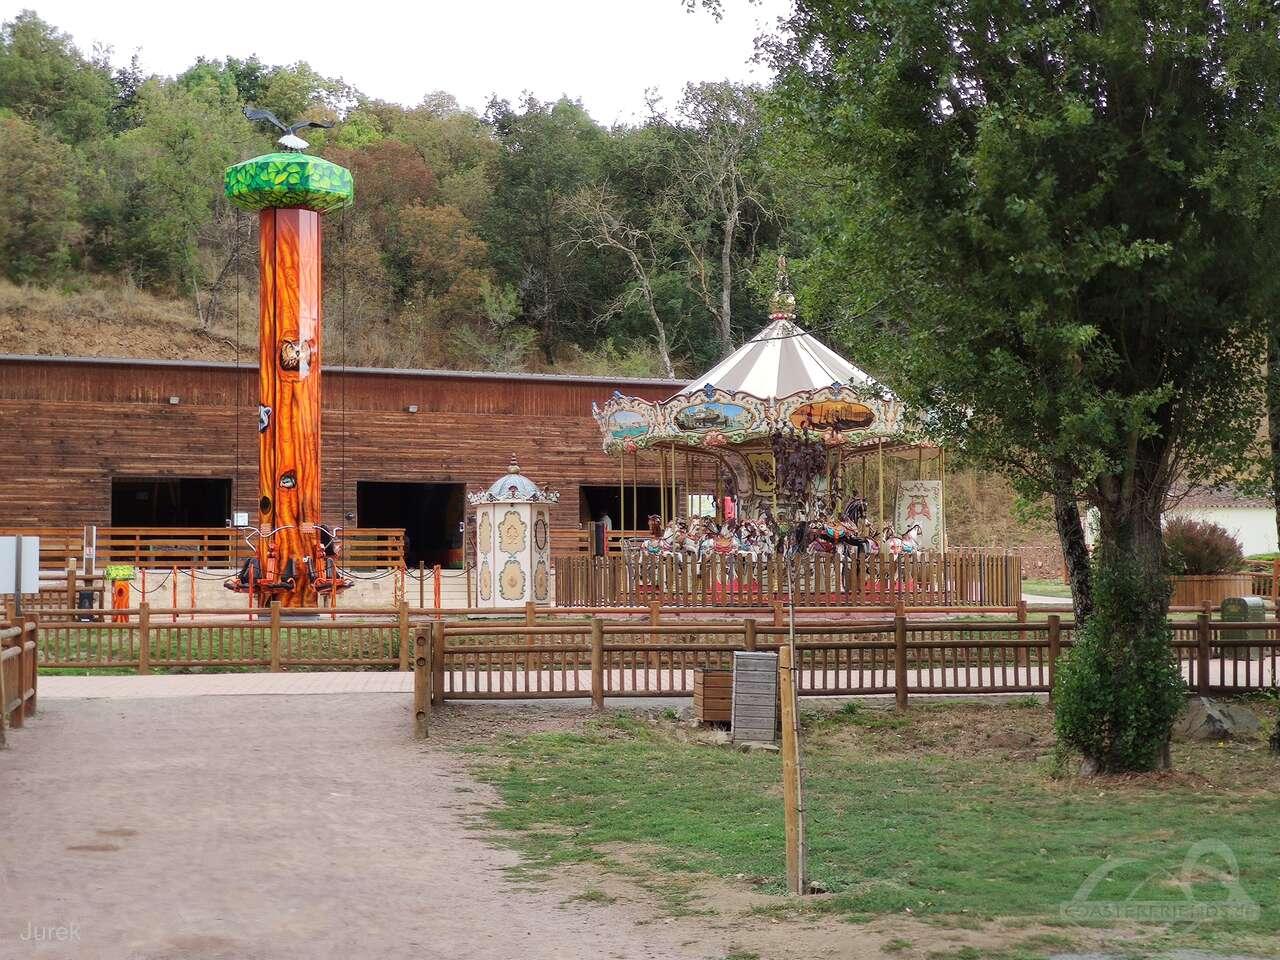 Parc de la Vallee Impressionen